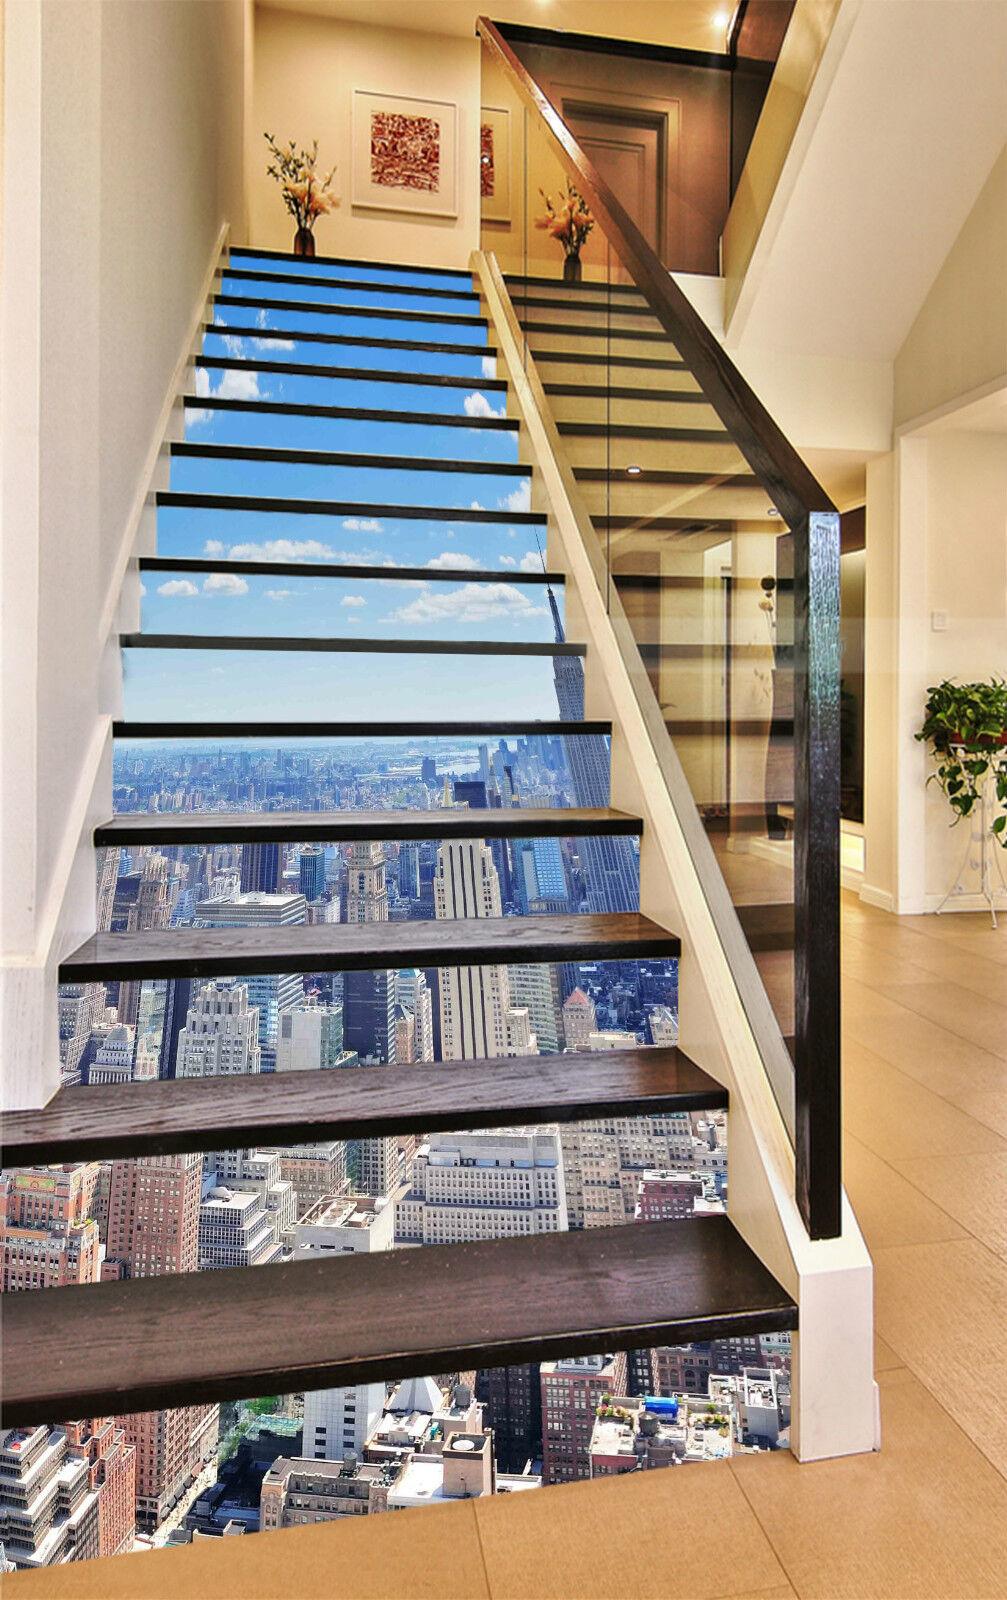 3d New York 011 Stair Risers Décoration Papier Peint Vinyle Autocollant Papier Peint De